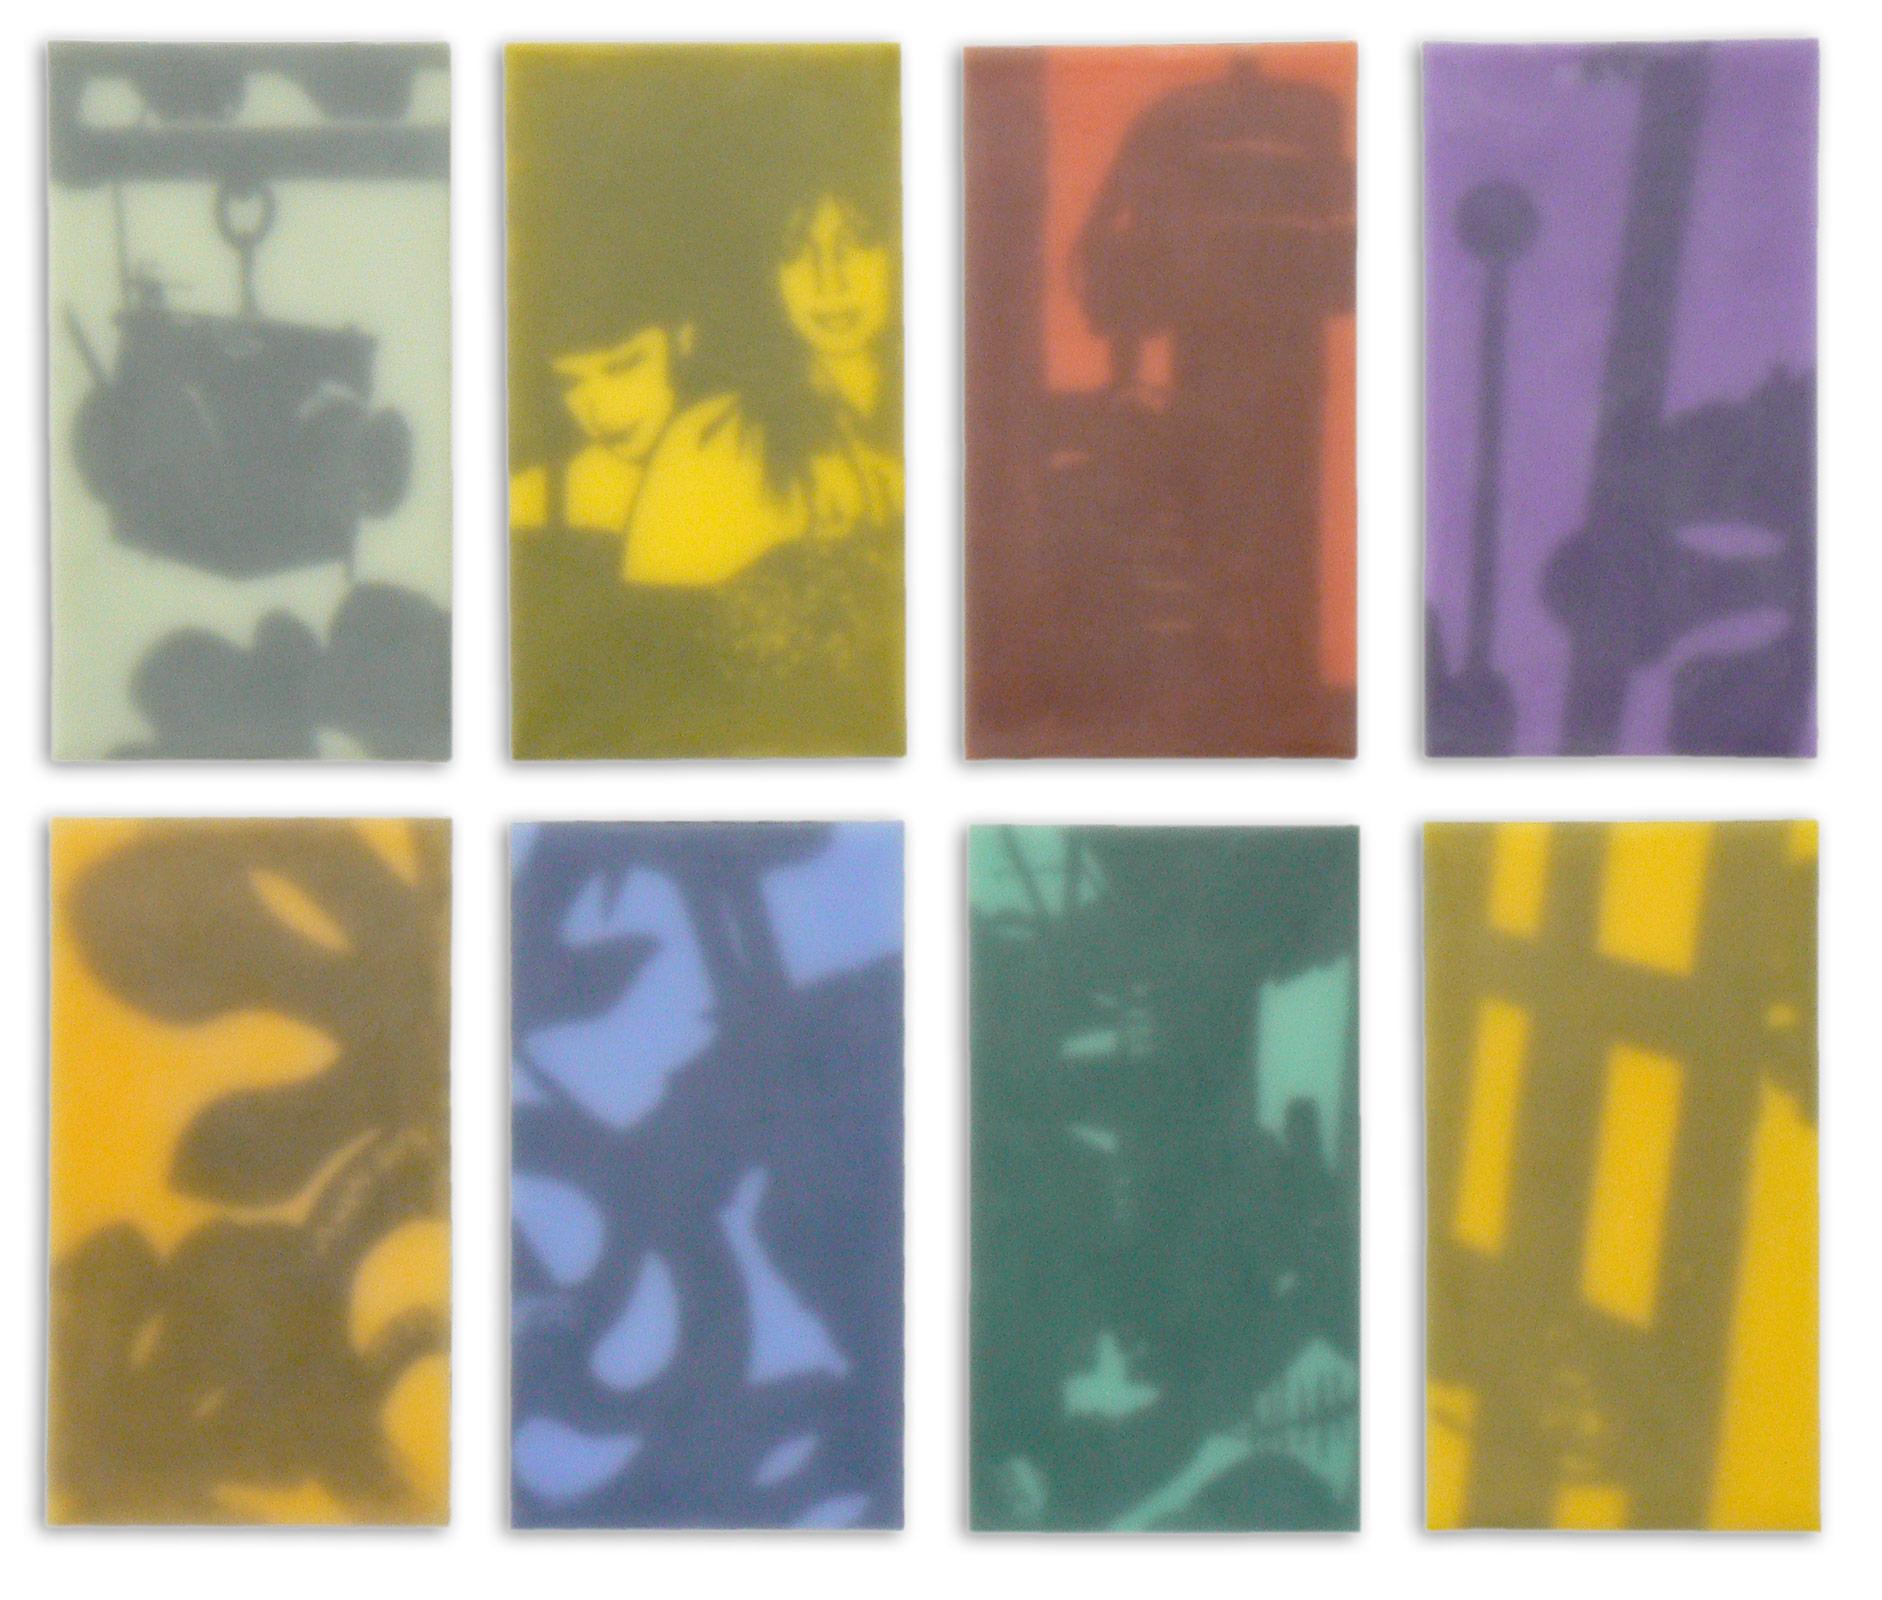 Atelier mit guten Geistern, 2010, 8-teilig, je 35x60cm